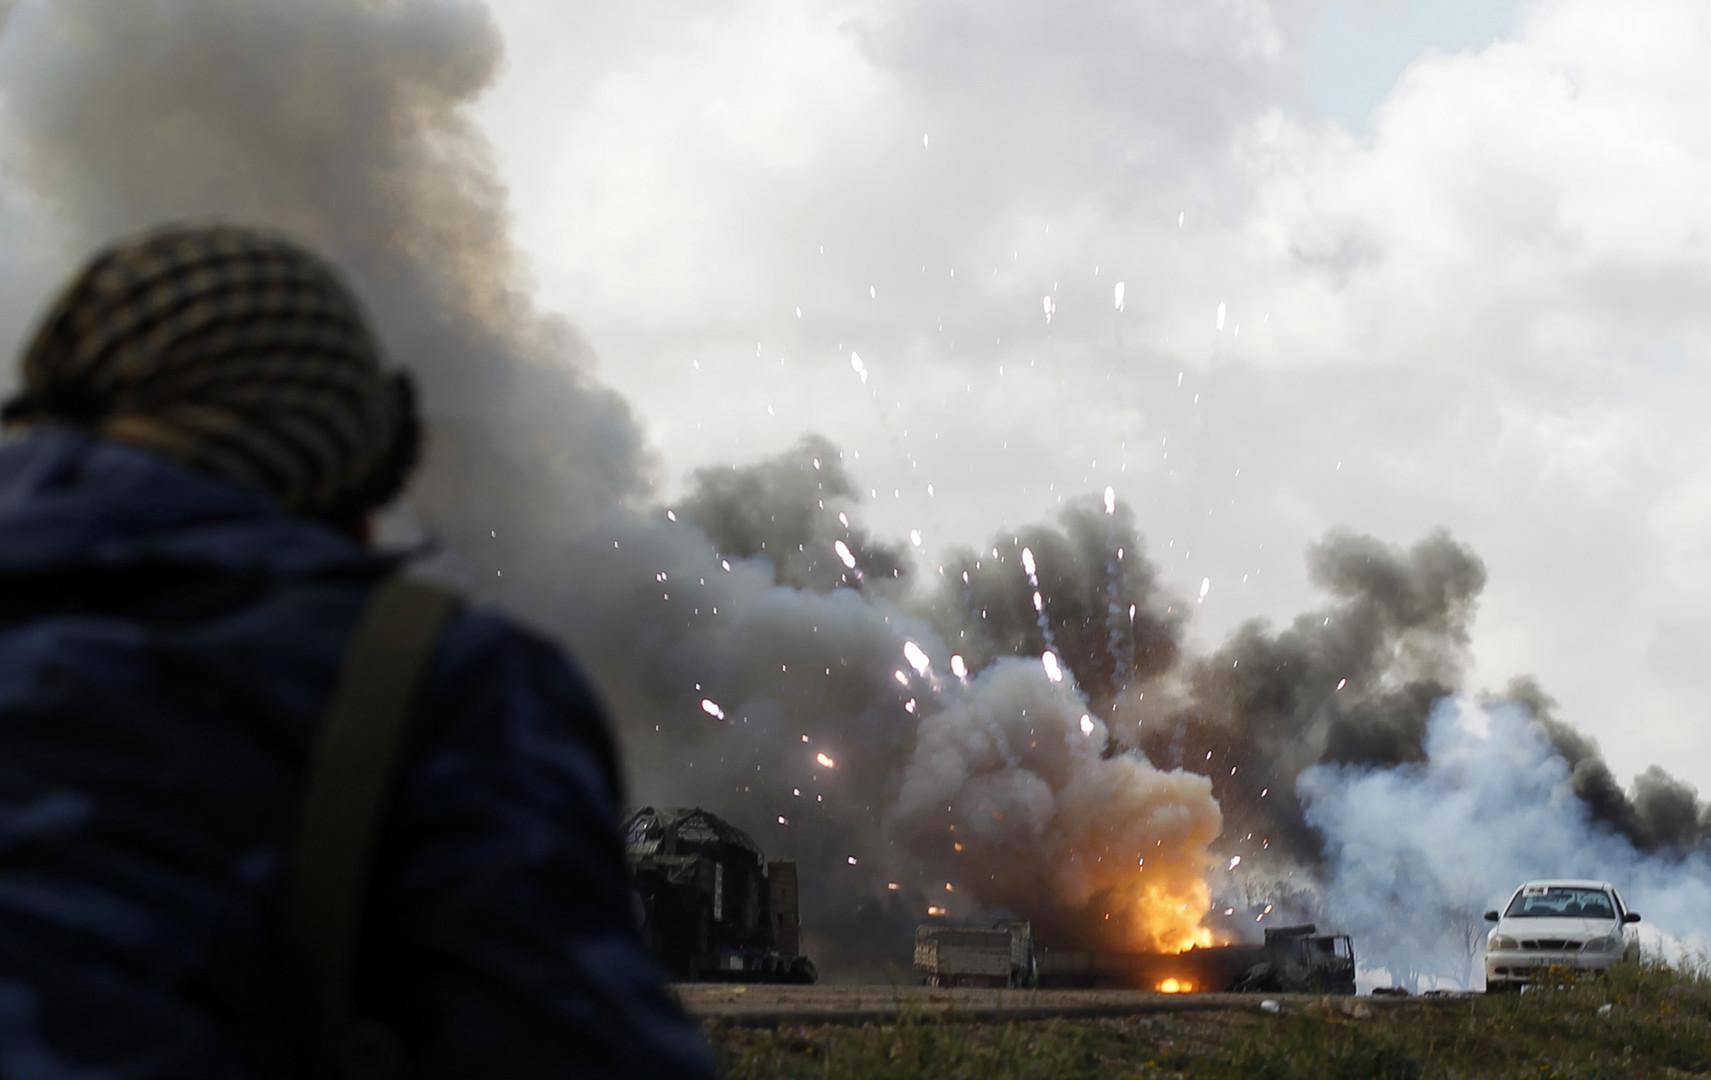 Aufständische in Libyen mit Luftunterstützung durch die NATO: Rebellen beobachten einen NATO-Angriff auf Regierungstruppen bei Benghasi, 20. März 2011.